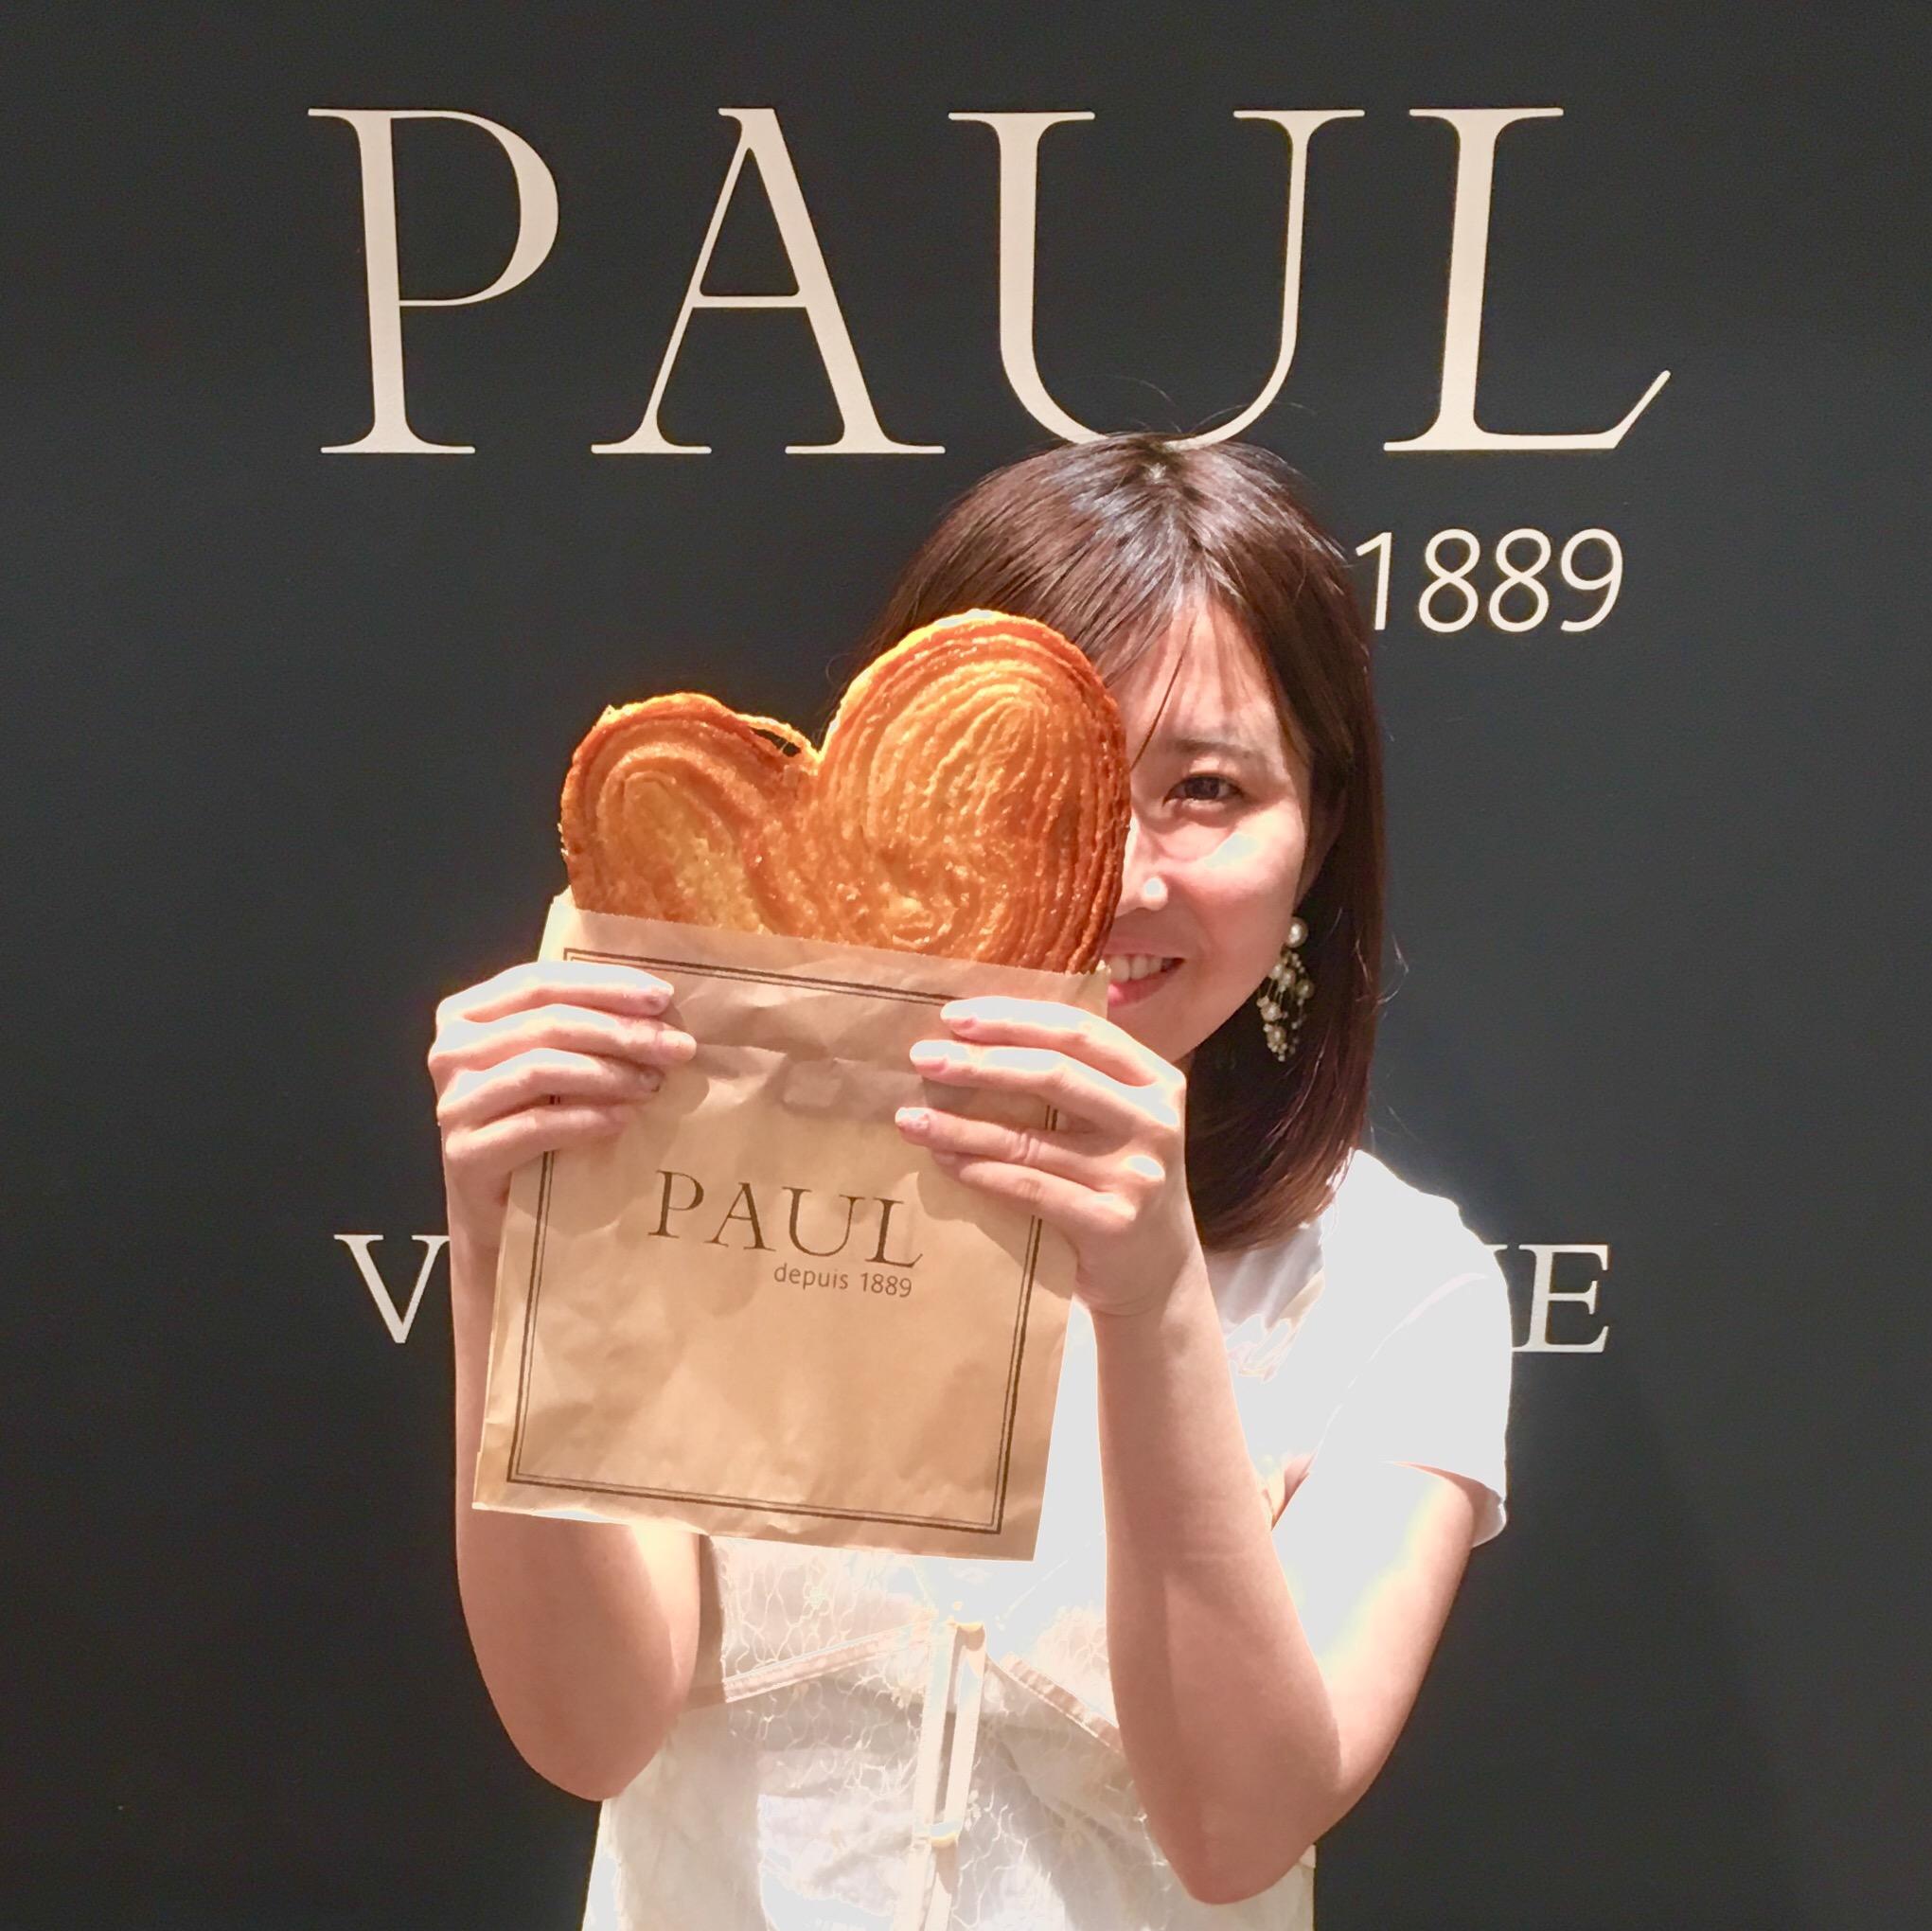 MORE付録保冷バッグか話題『PAUL(ポール)』のパン、オススメ3選❤︎_4